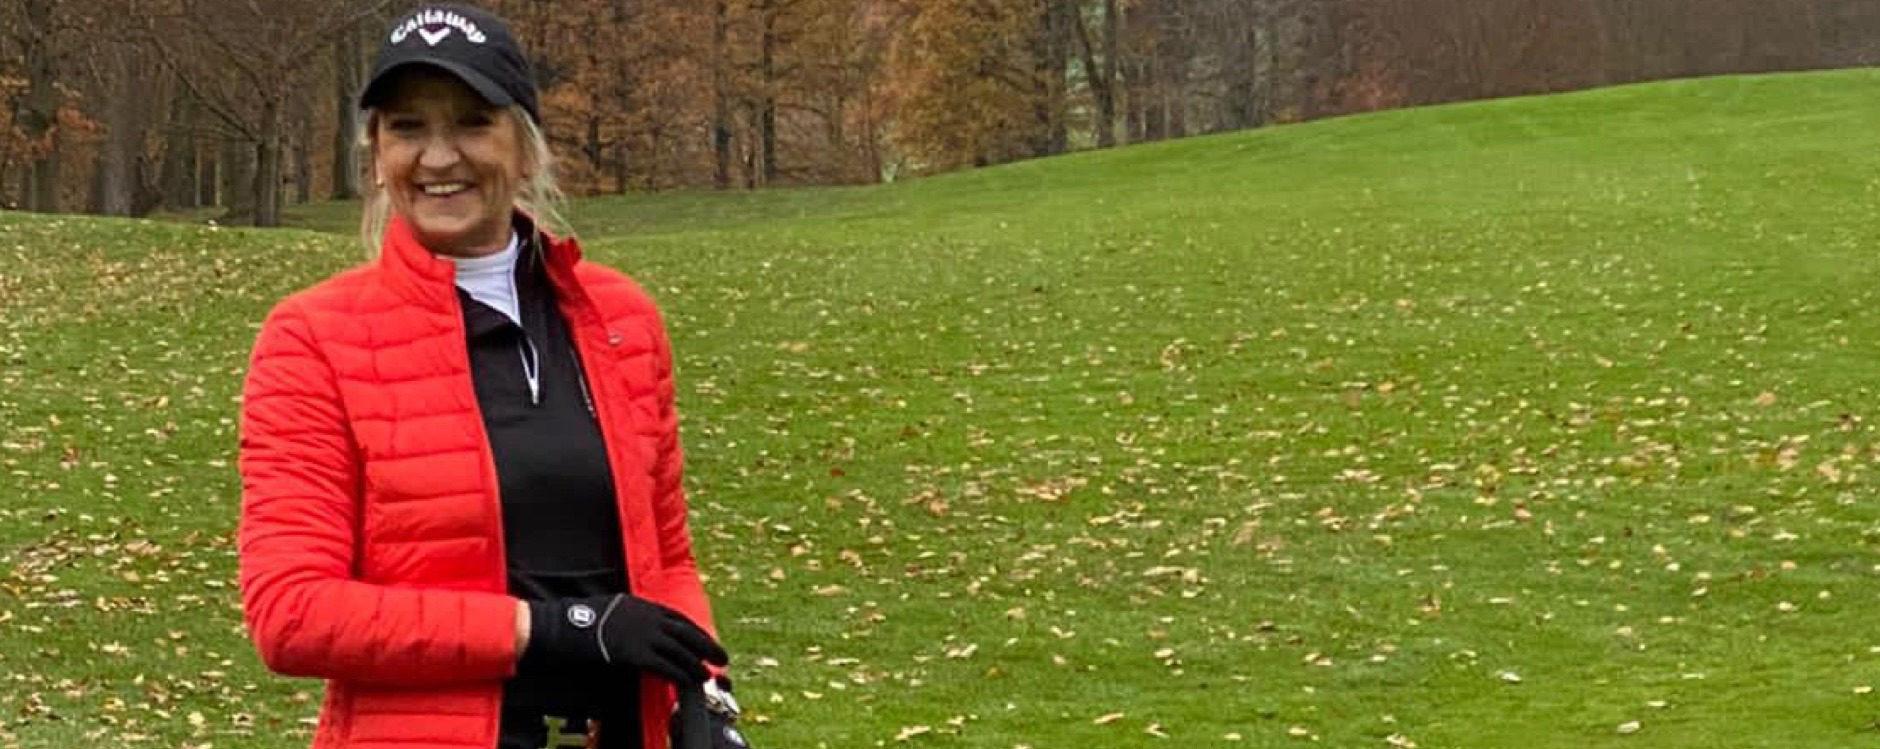 Fisimatenten Golfsport Mode